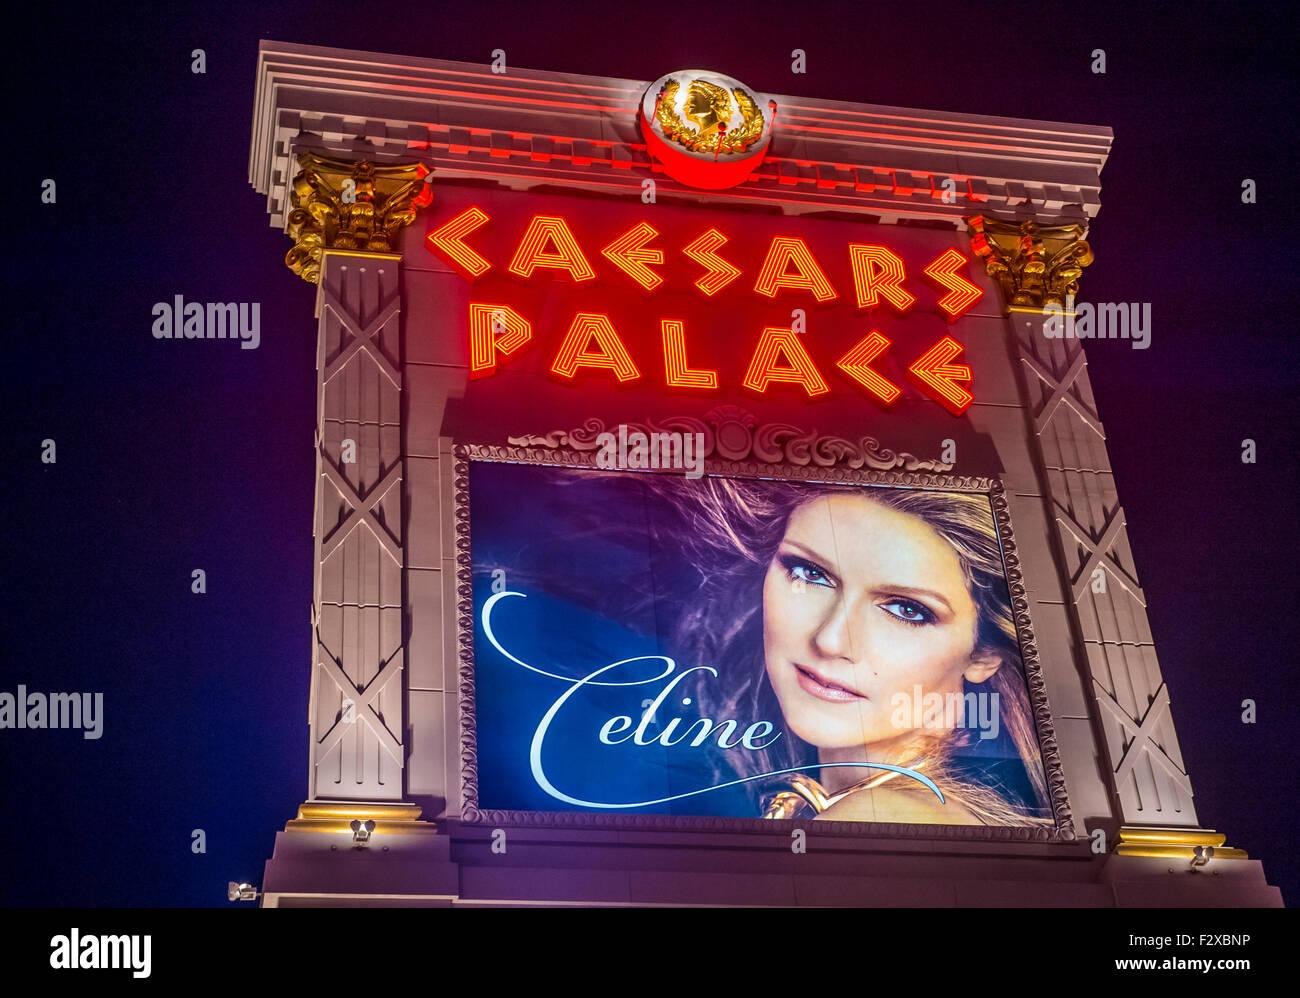 Celine Dion Caesars Palace